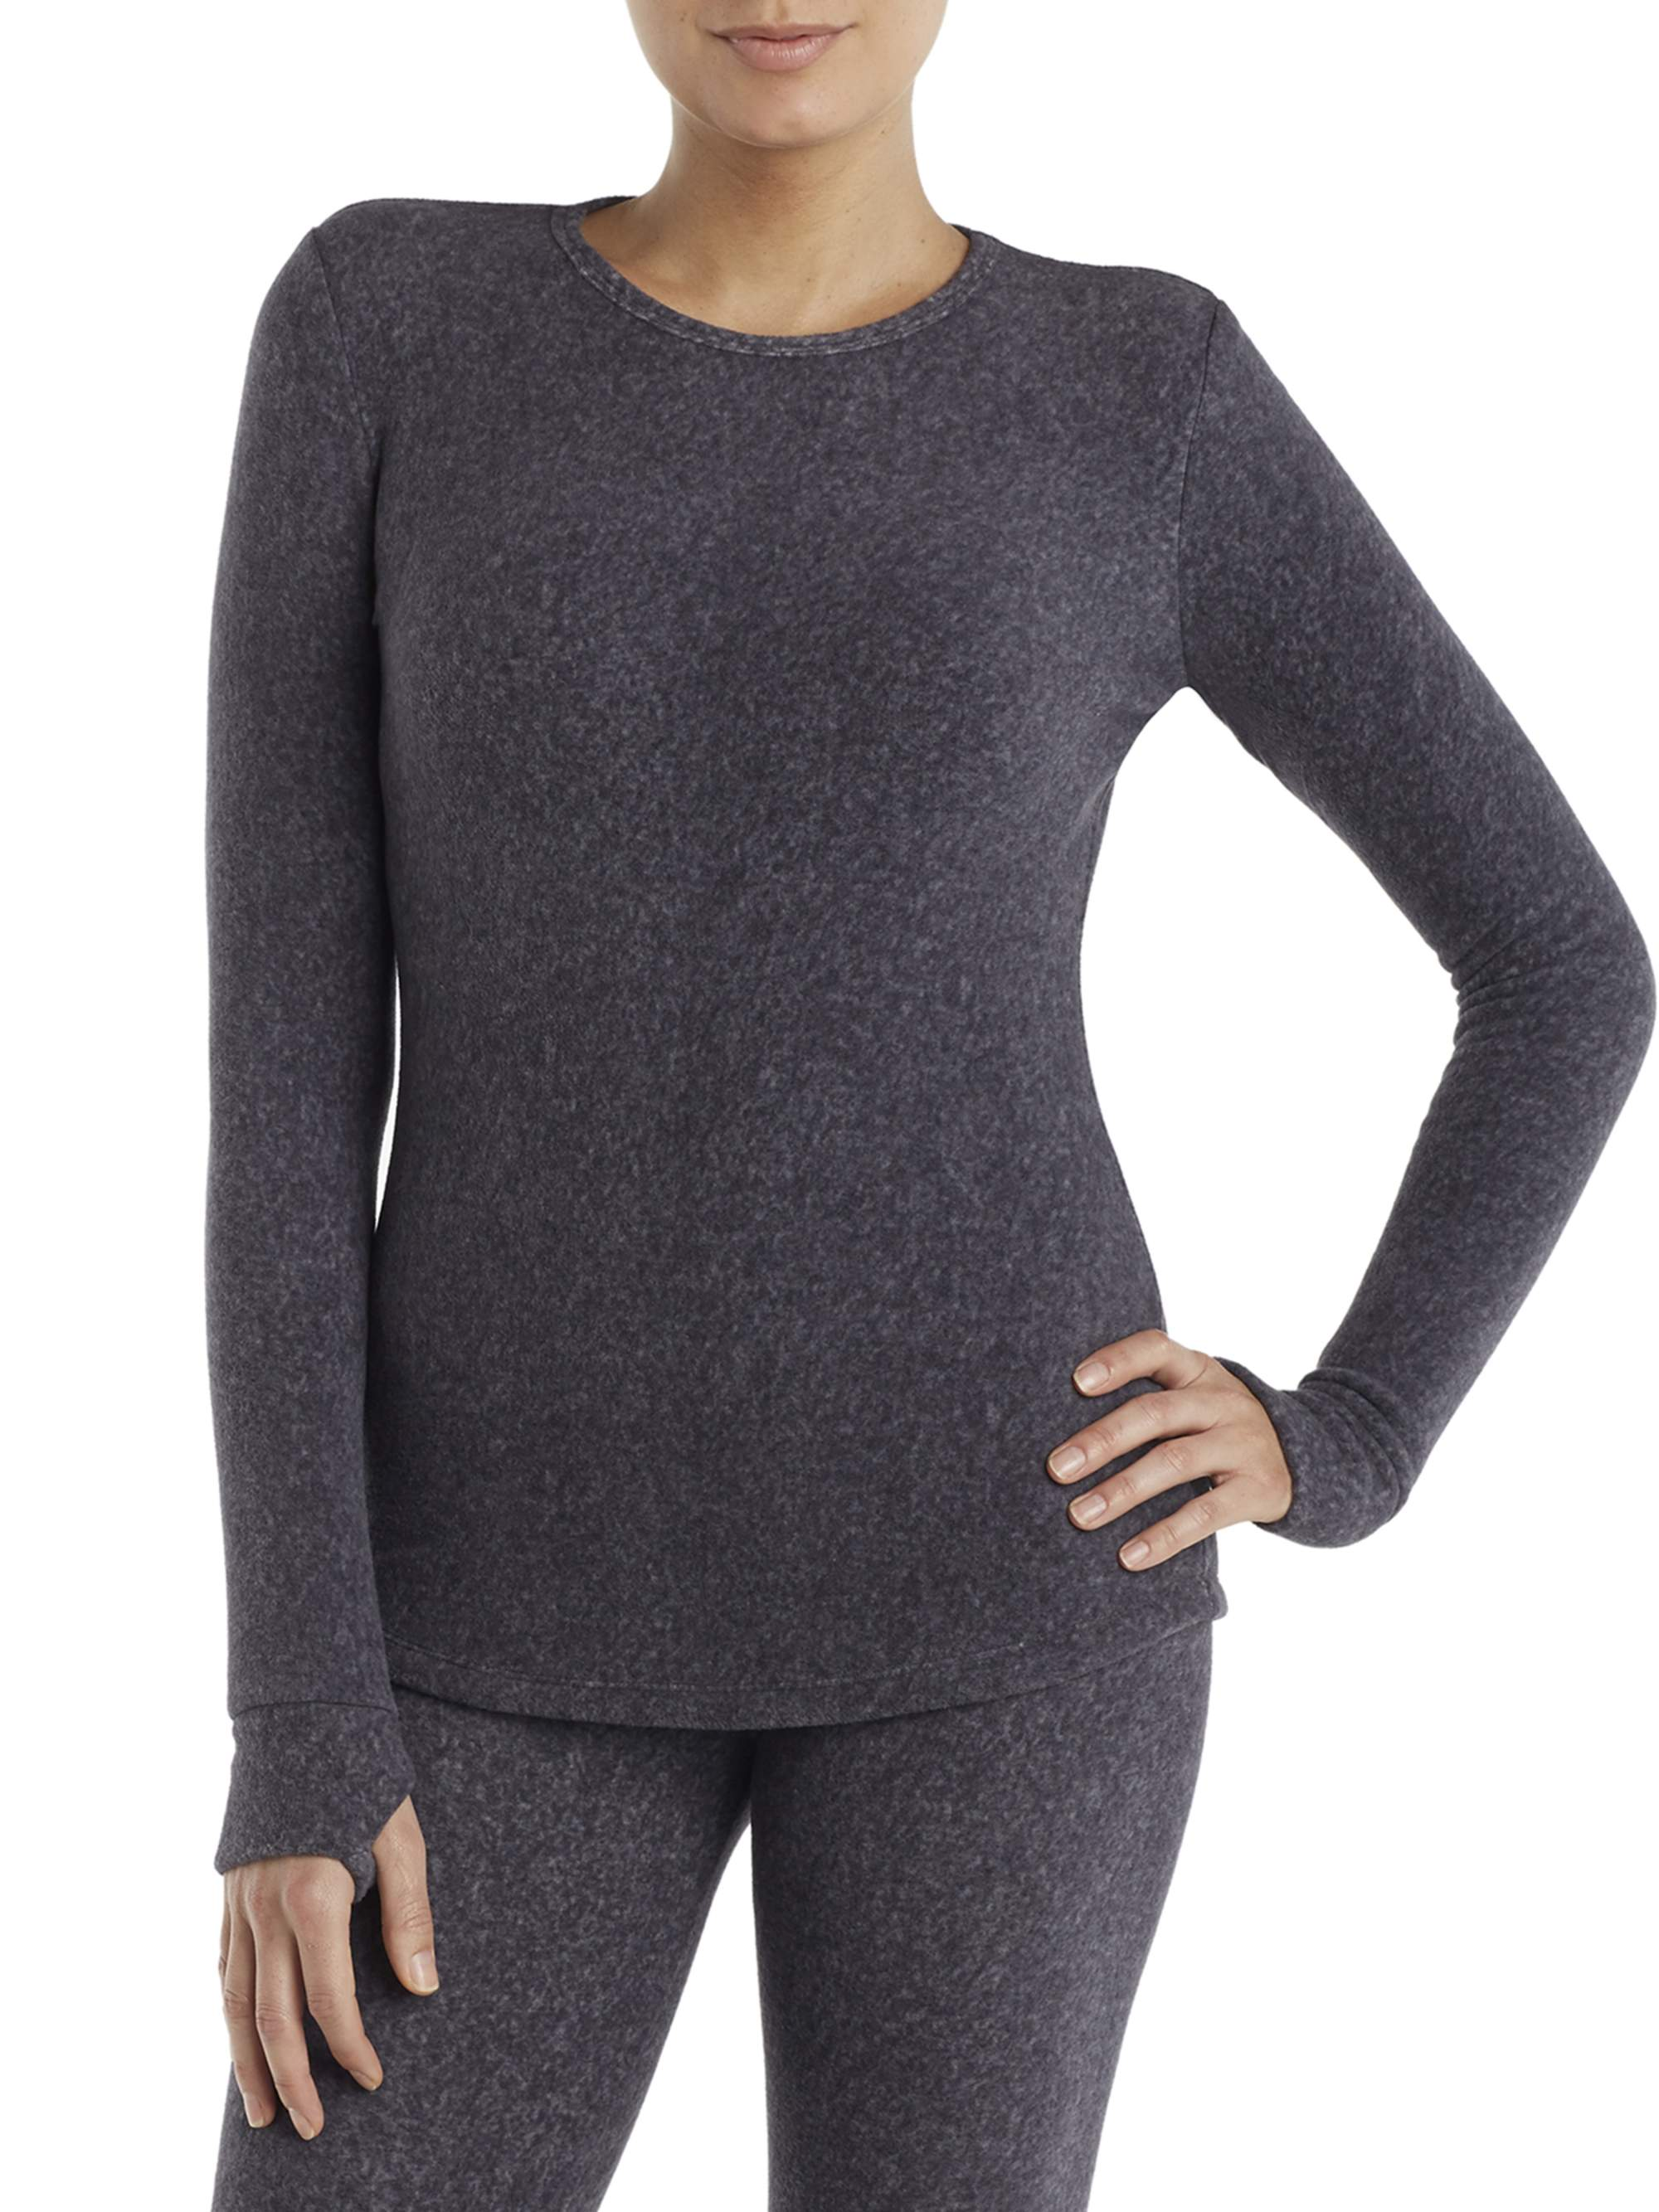 Women's Stretch Fleece Warm Underwear Long Sleeve Top